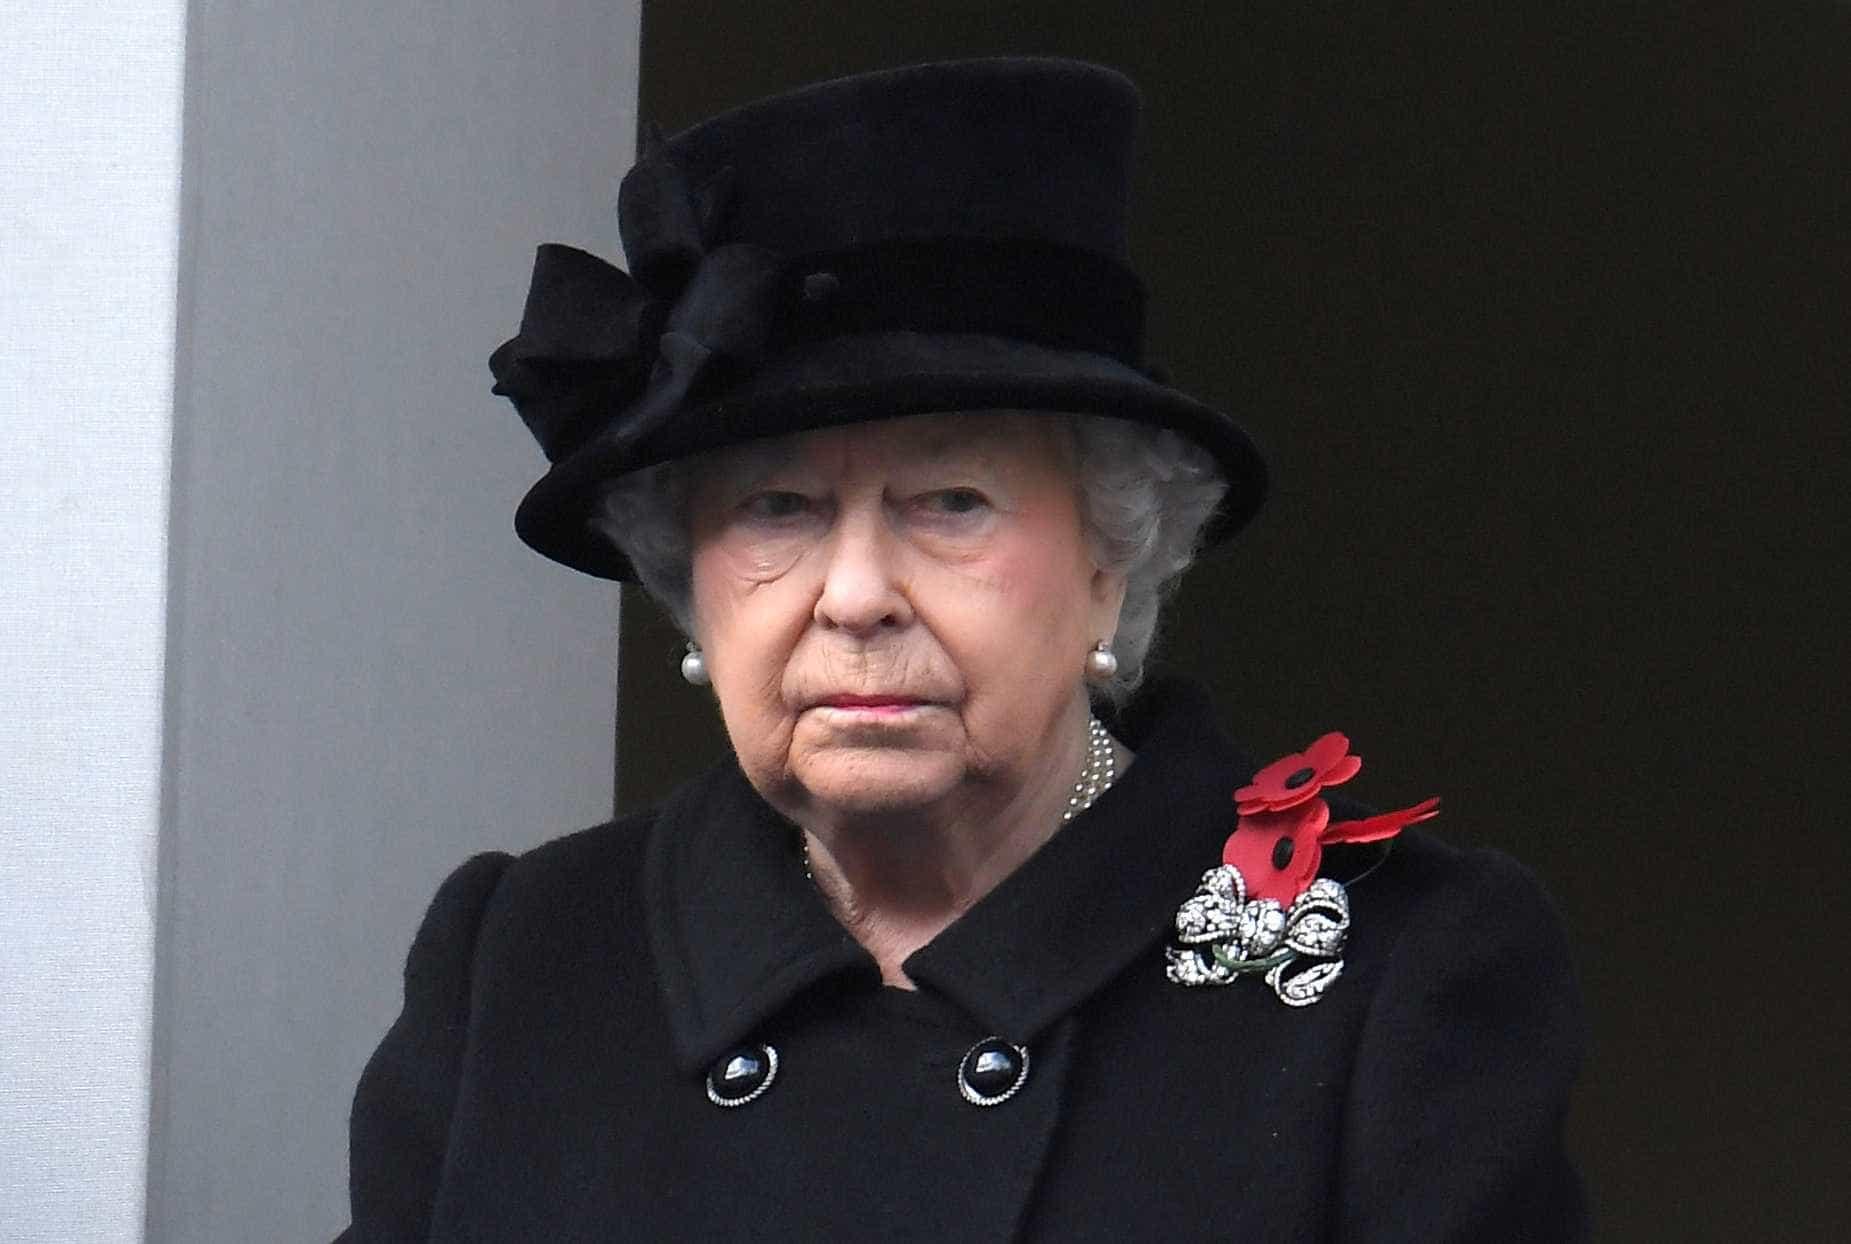 Documentos revelam que jovem tentou matar a rainha Elizabeth II